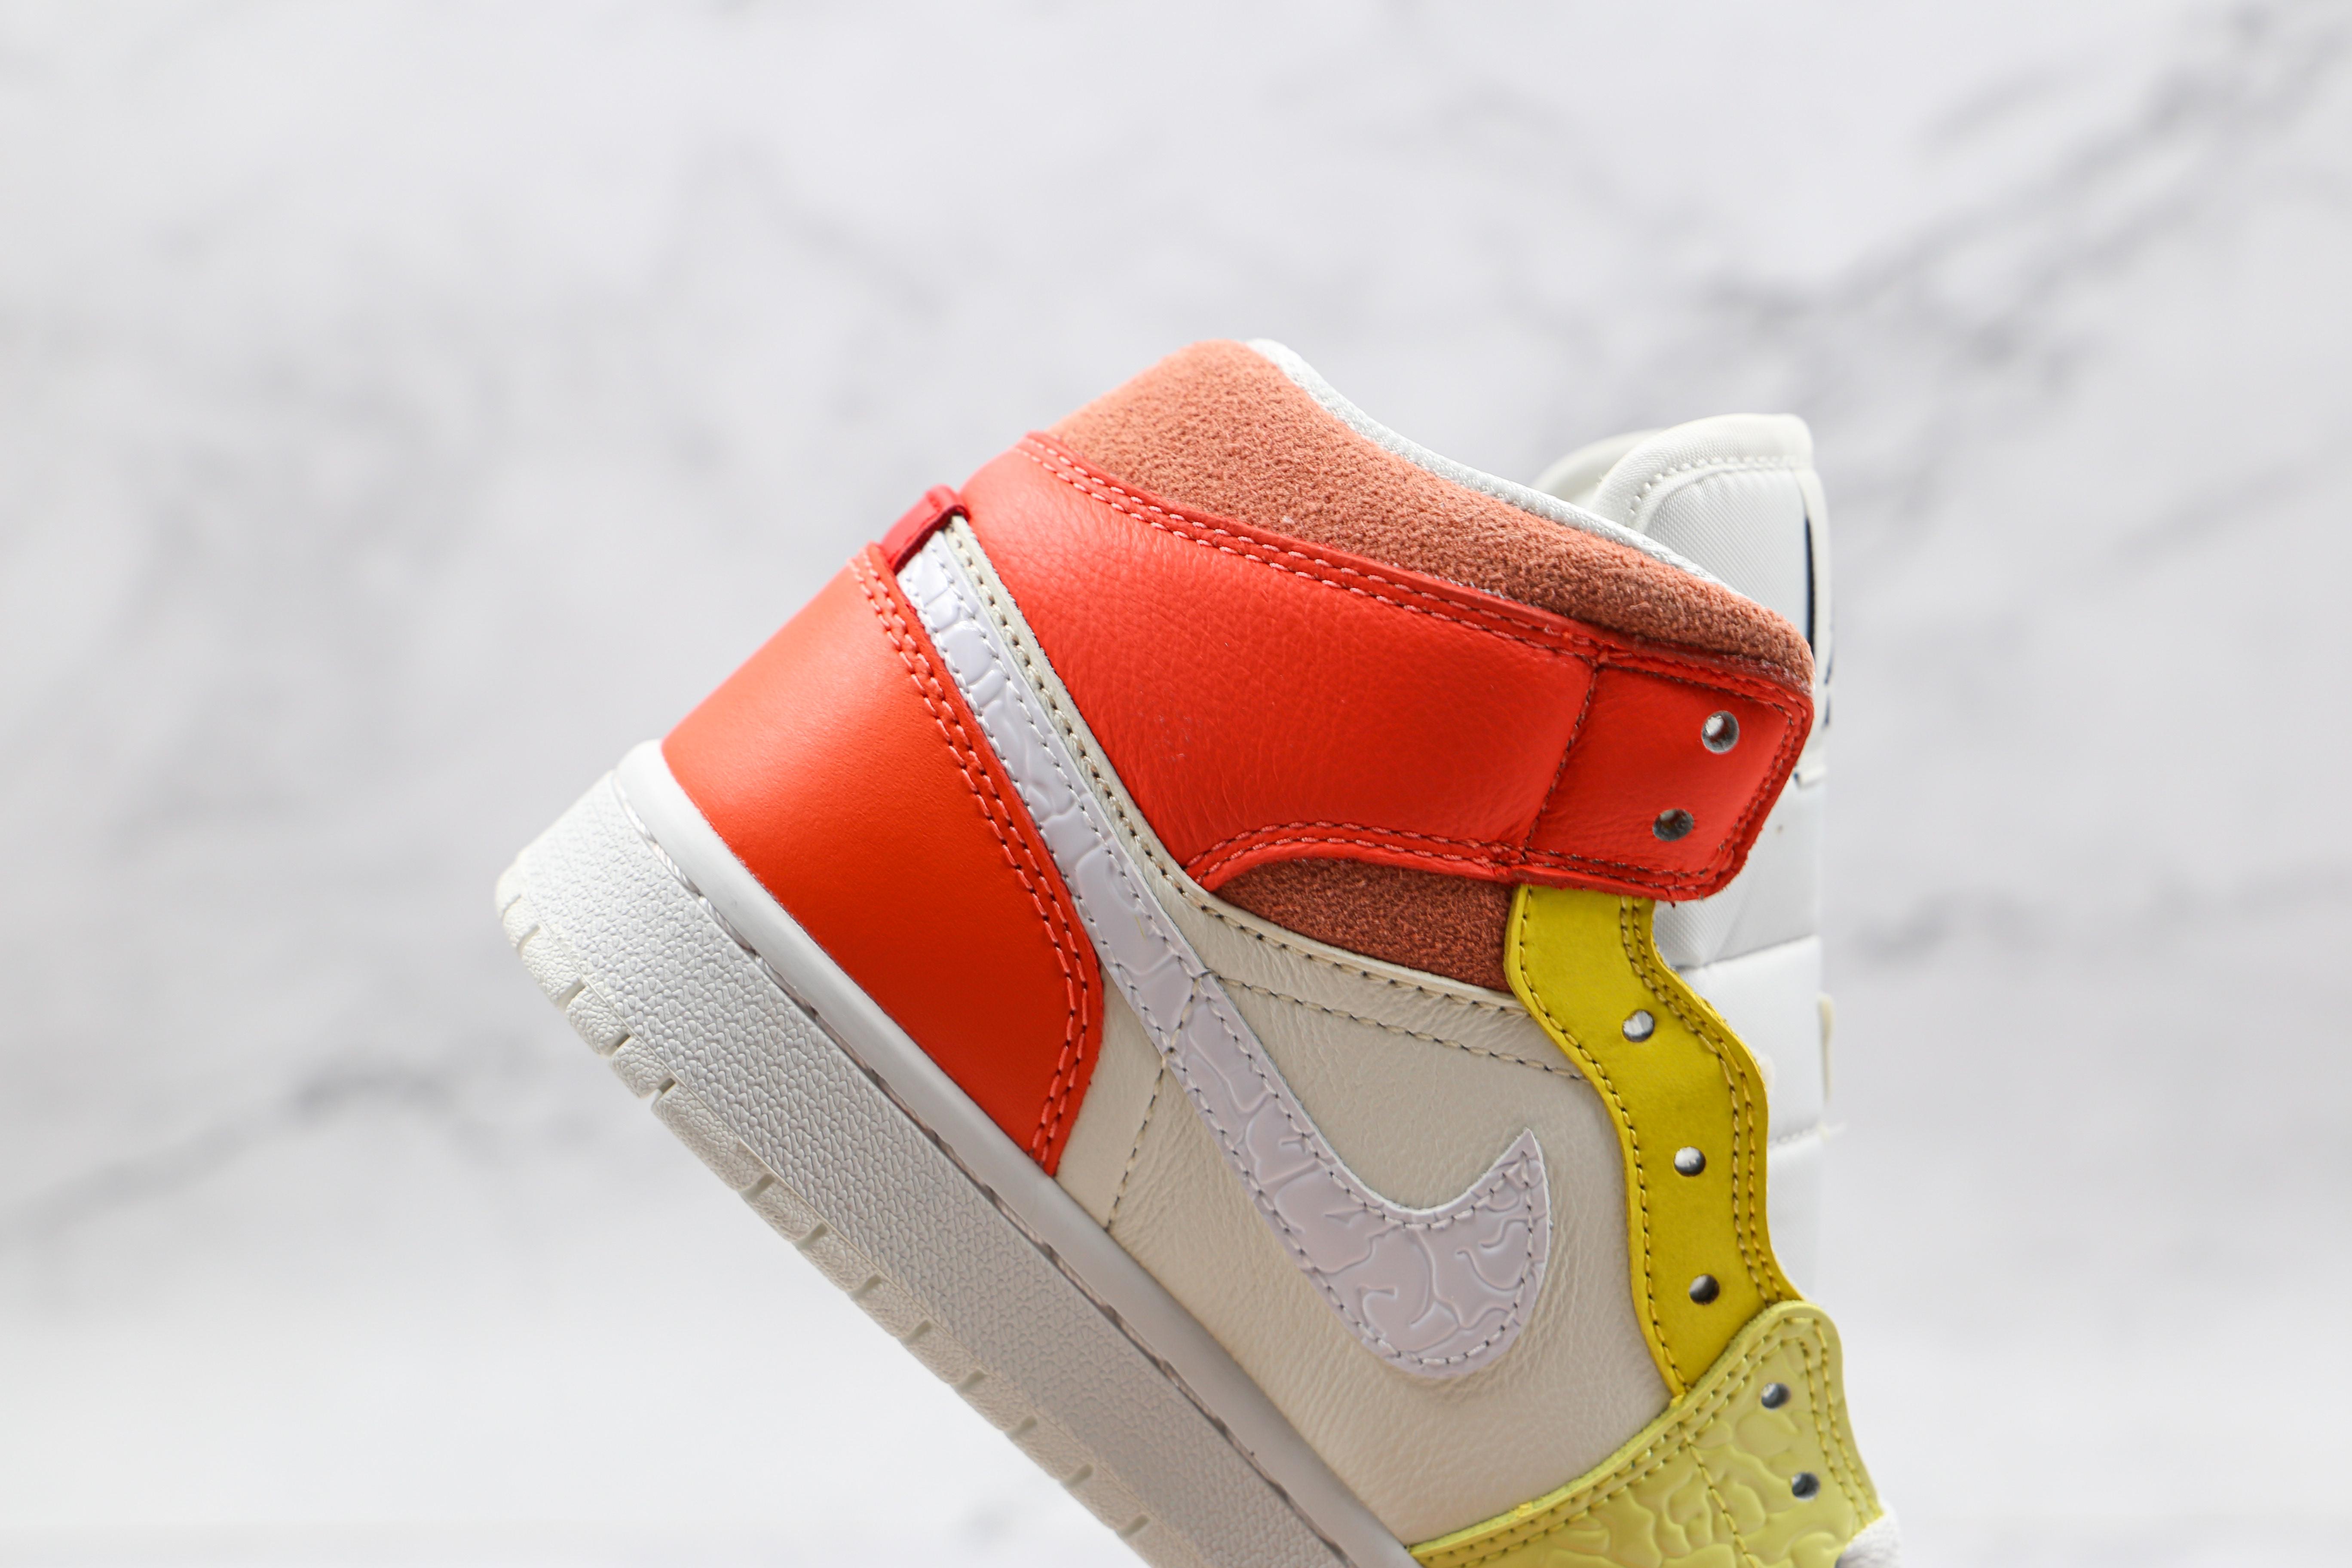 原厂 AJ1 Mid 中帮 白蓝黄橙粉色 货号:DJ6908 100  彩色拼接 市售最强中帮 天花板品质! 市面唯一正确版本 全鞋正品原材料    J21